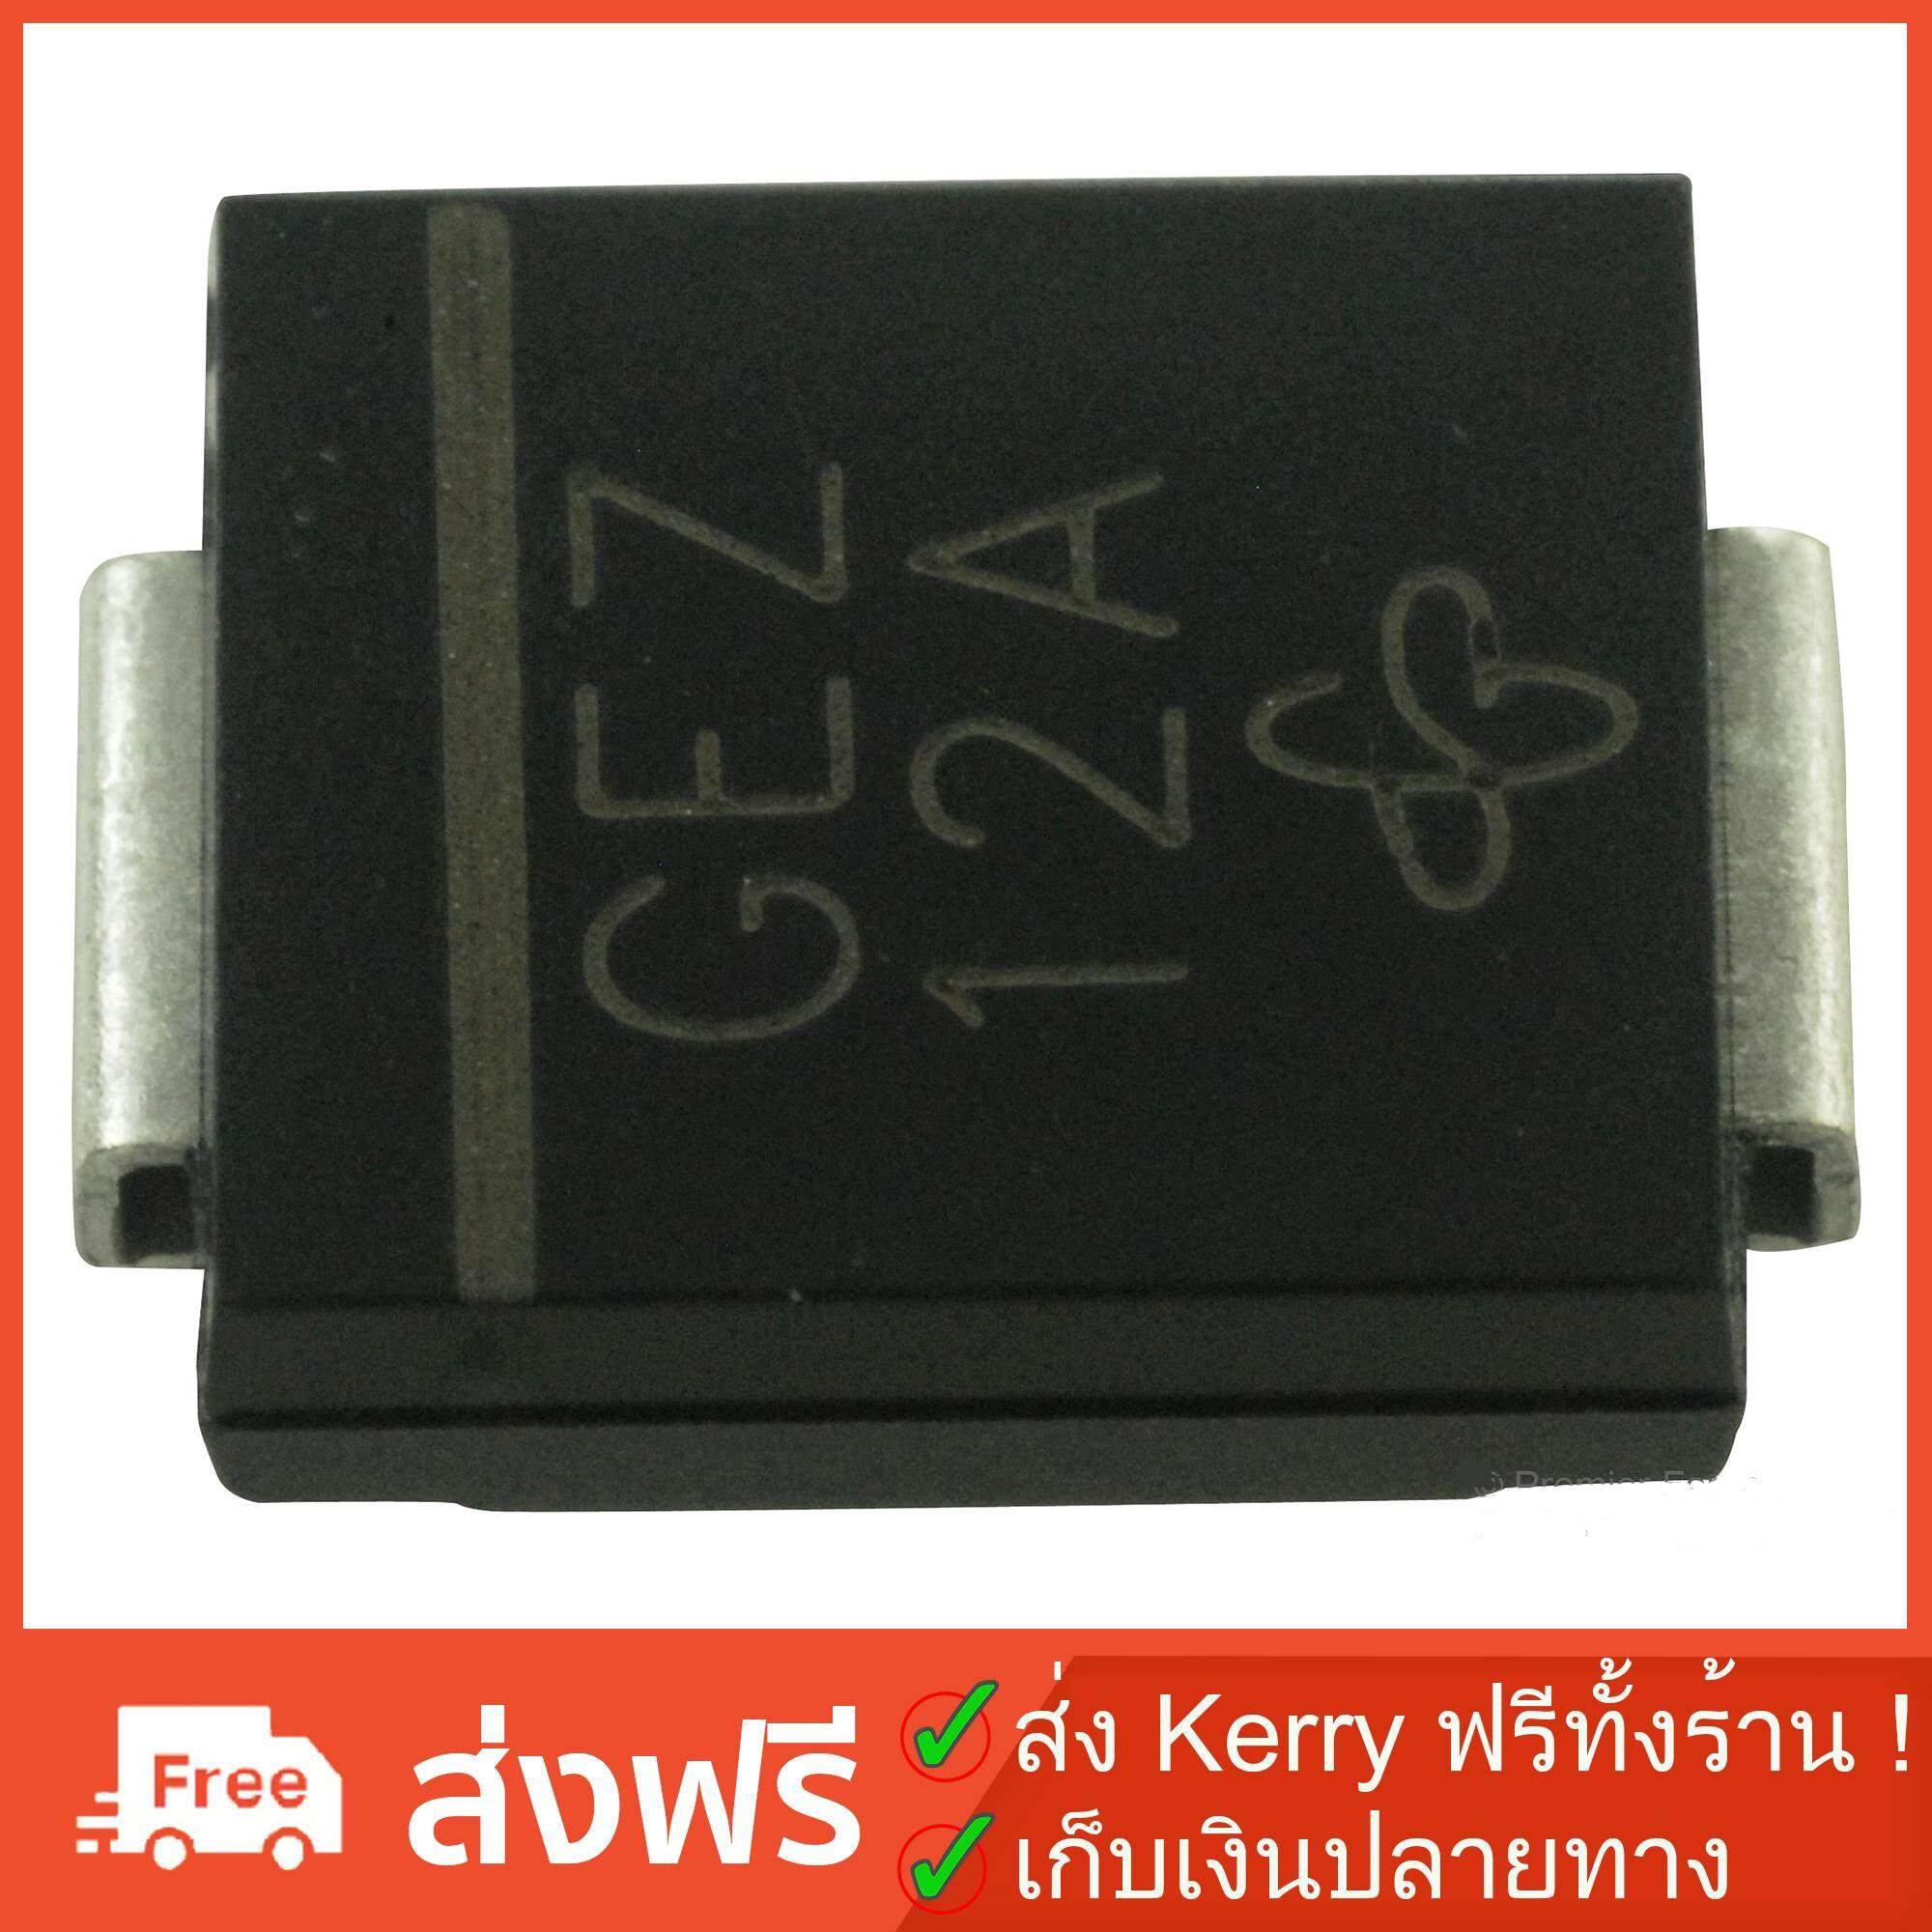 เก็บเงินปลายทางได้ ส่ง Kerry ฟรีทั้งร้าน !! GEZ Transient Voltage Suppressors 24V SMCJ24A 1500W  ไดโอดป้องการความสียหายจากไฟฟ้ากระชาก